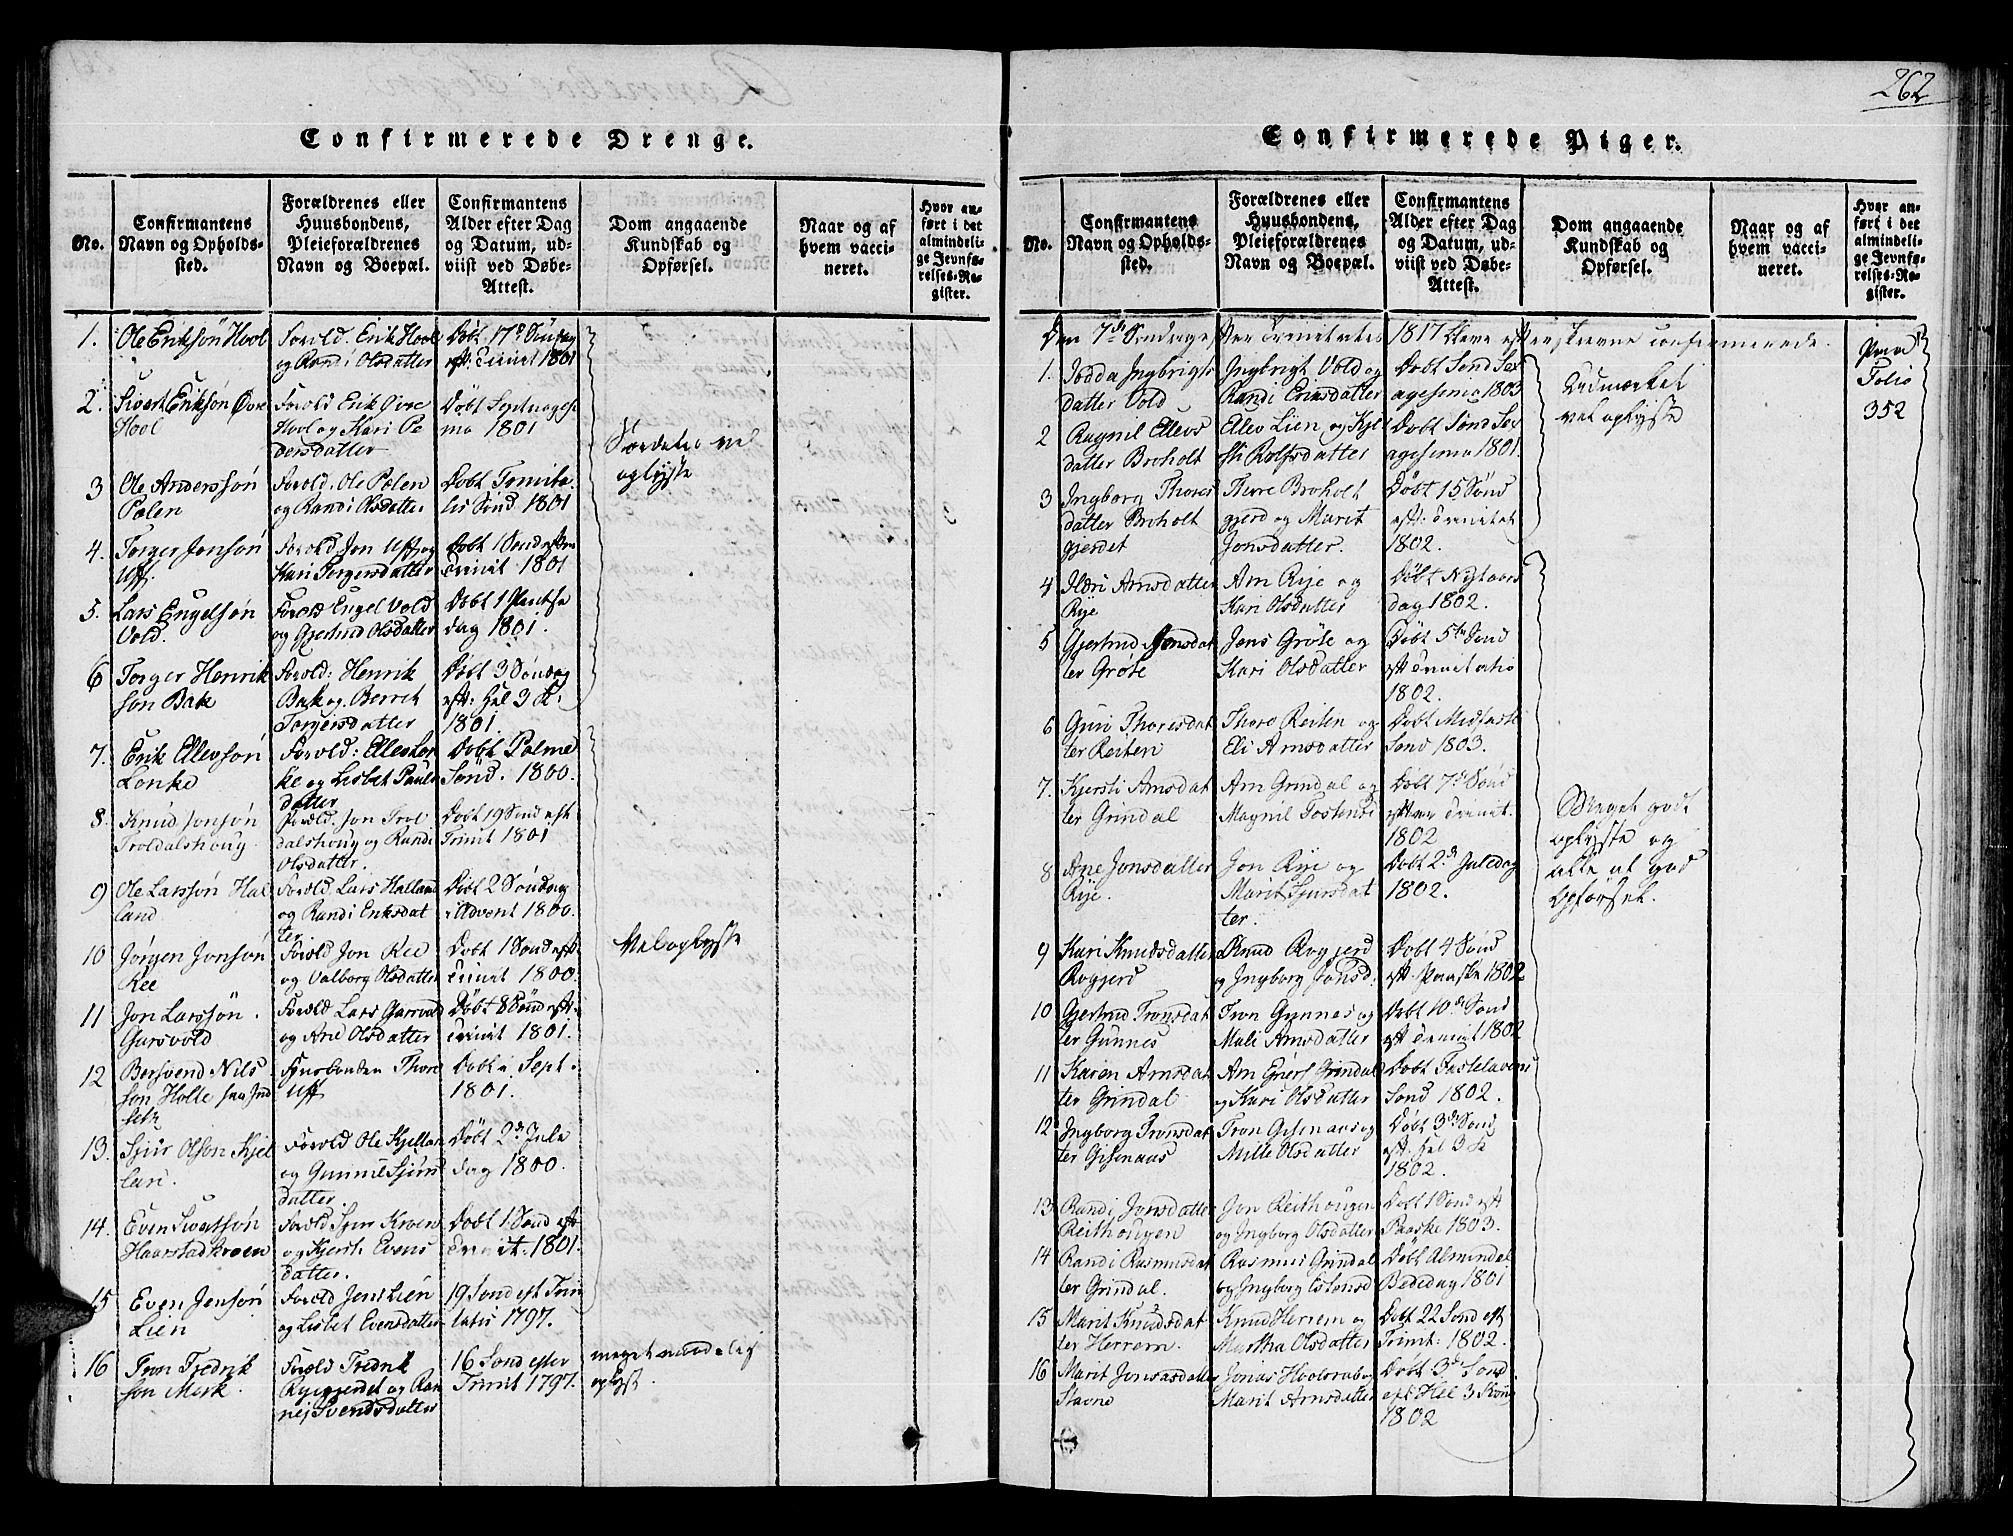 SAT, Ministerialprotokoller, klokkerbøker og fødselsregistre - Sør-Trøndelag, 672/L0854: Ministerialbok nr. 672A06 /2, 1816-1829, s. 262